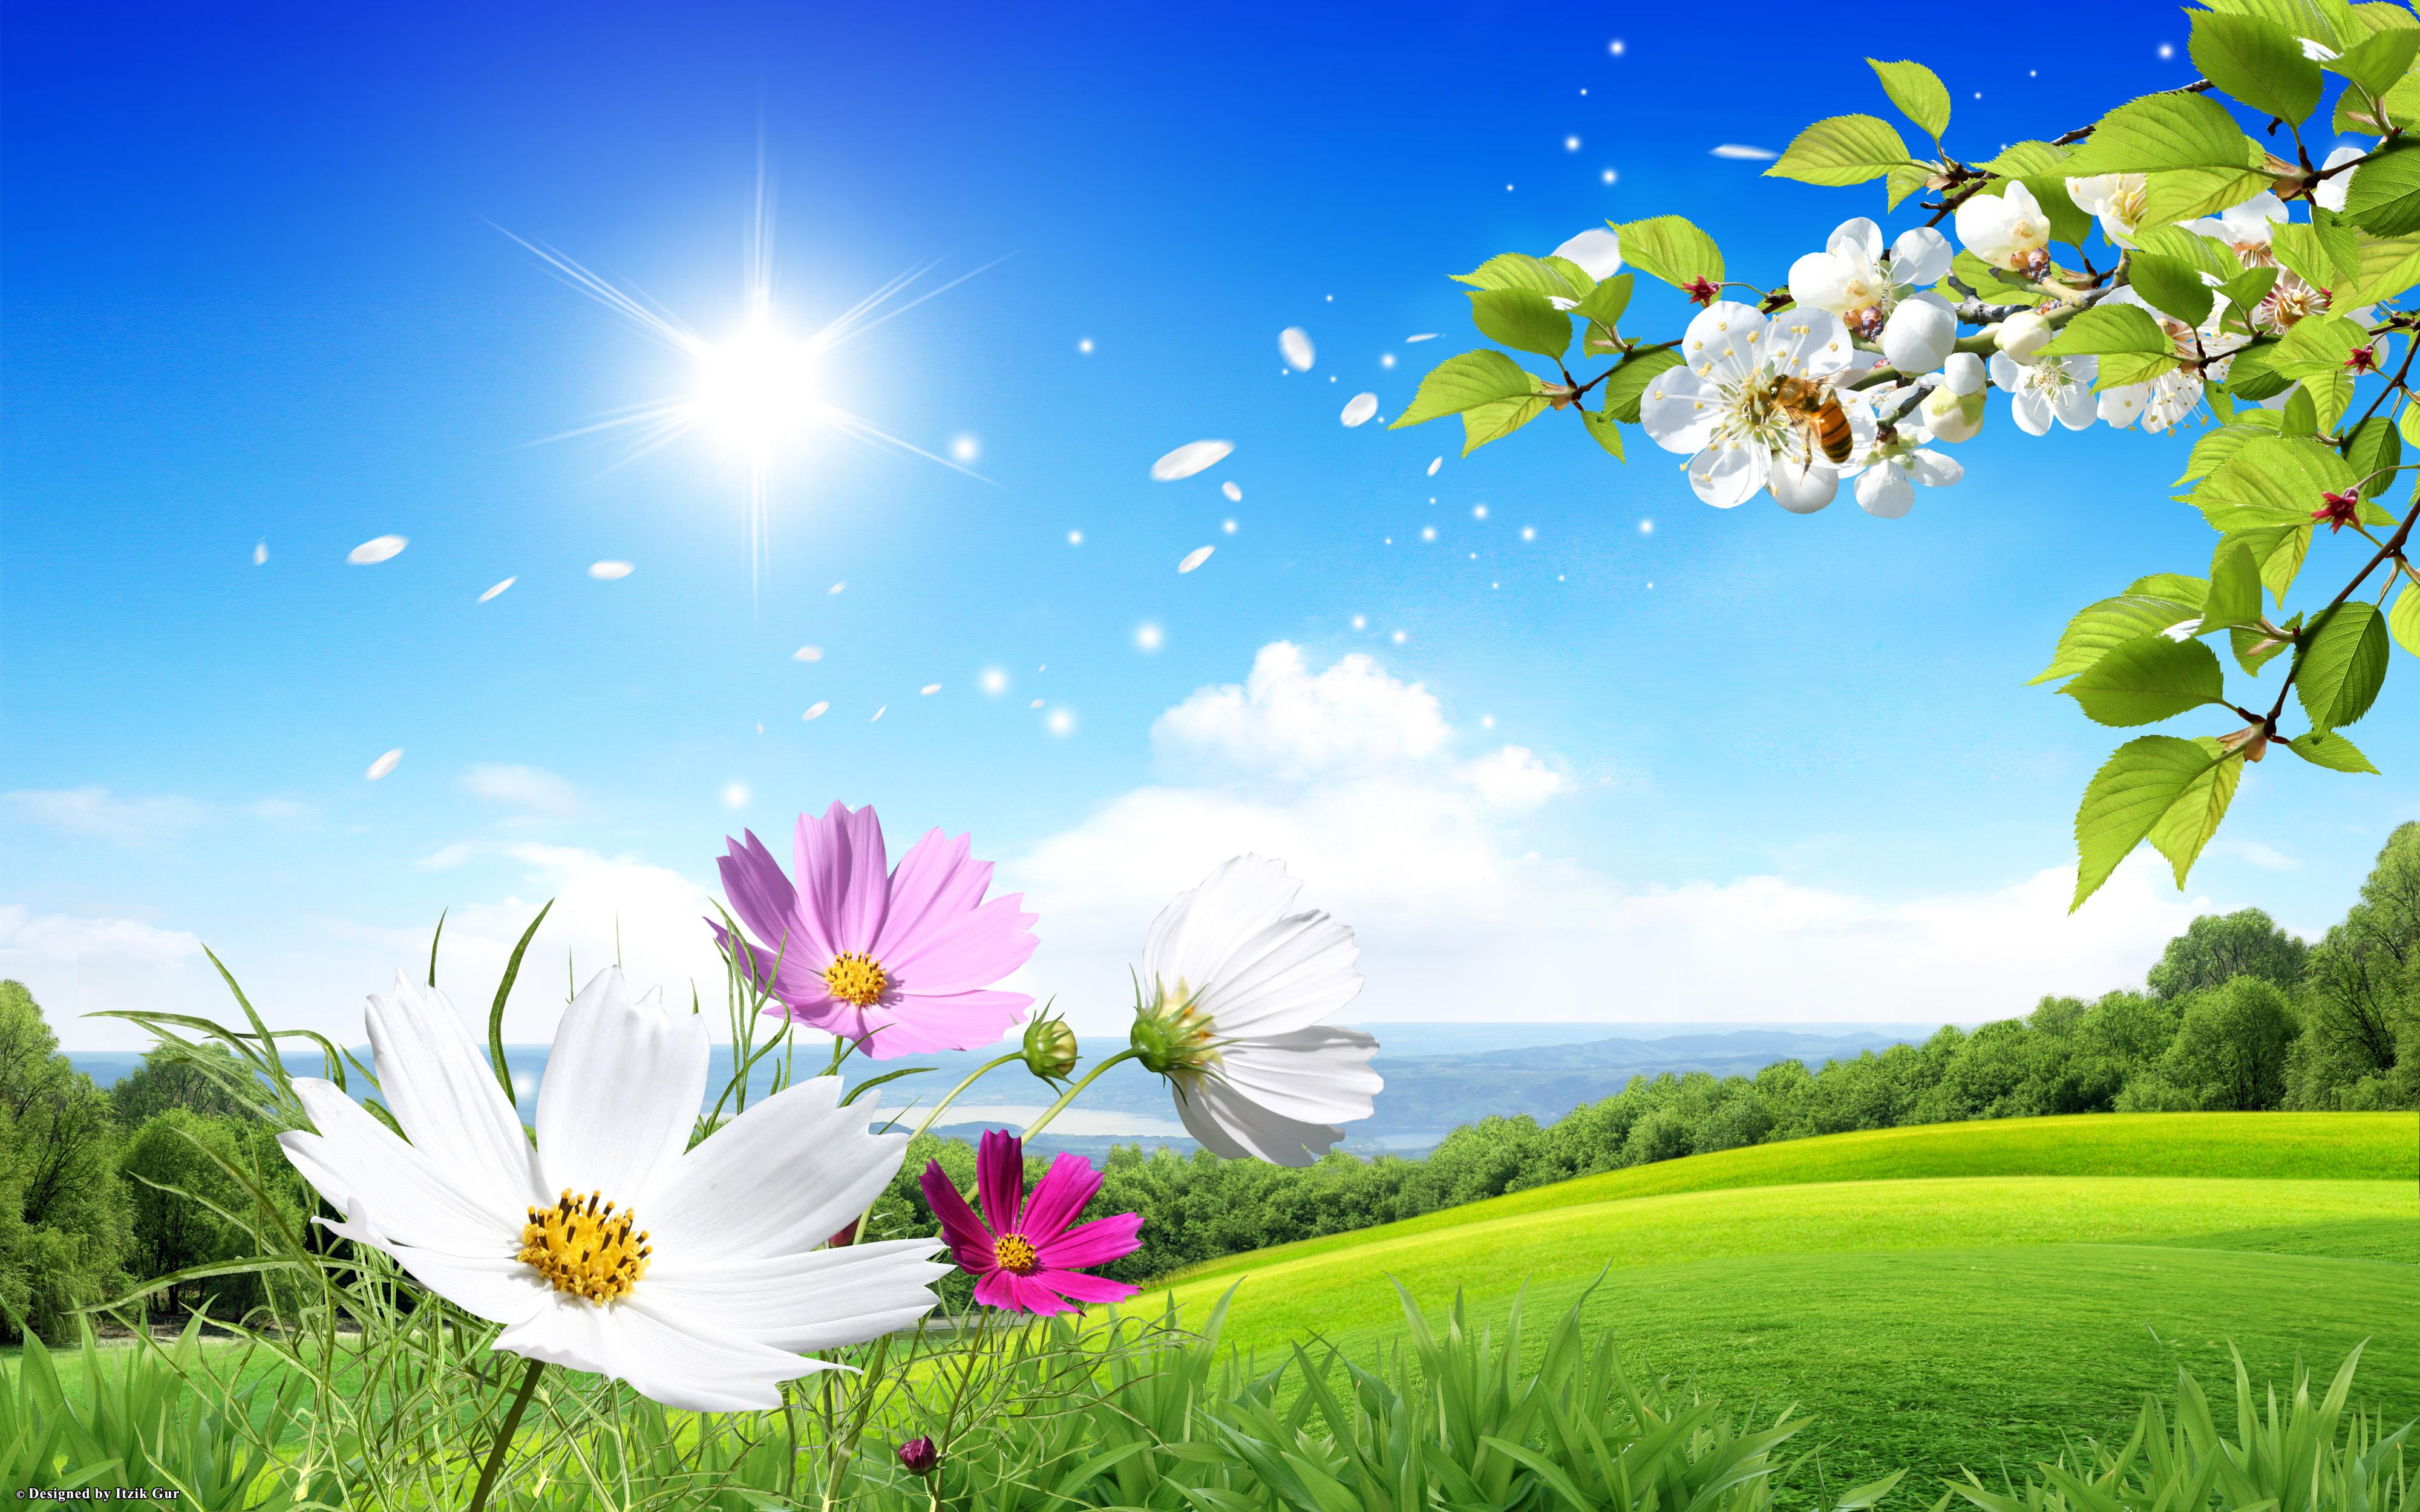 Springtime Wallpapers - WallpaperSafari